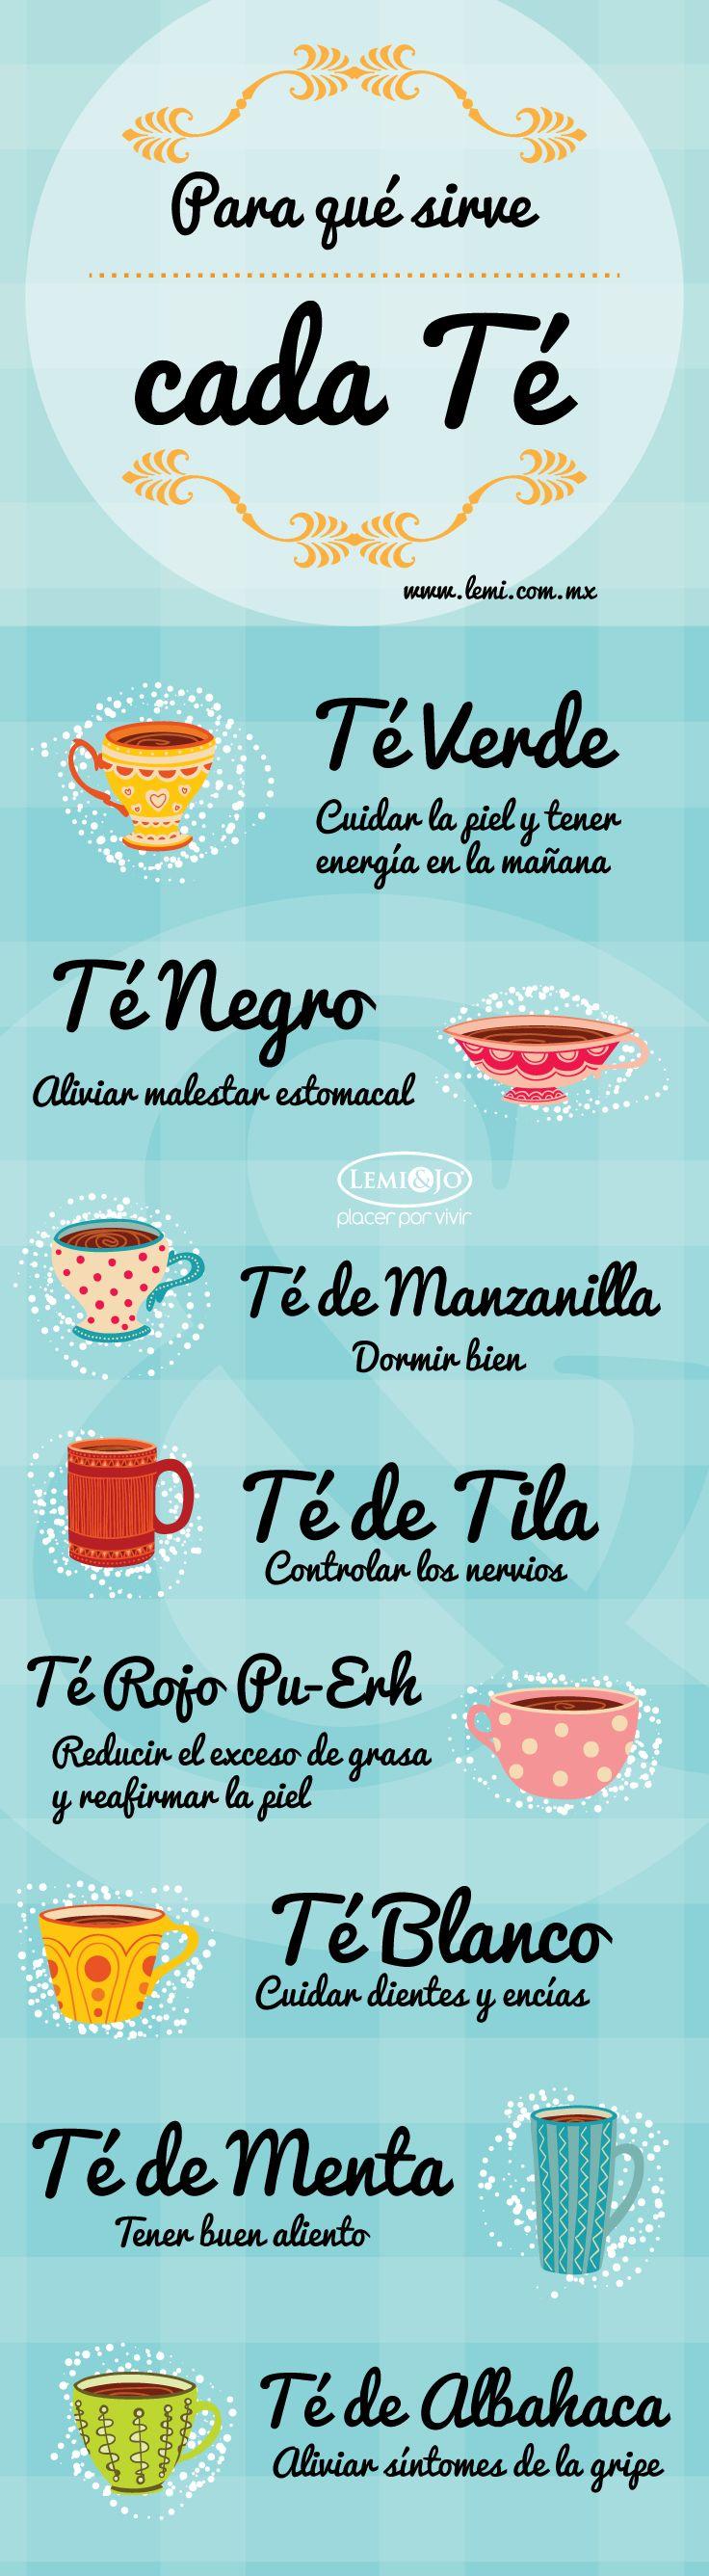 Infografía: ¿Para qué sirve cada Té? #infografia #salud #bienestar